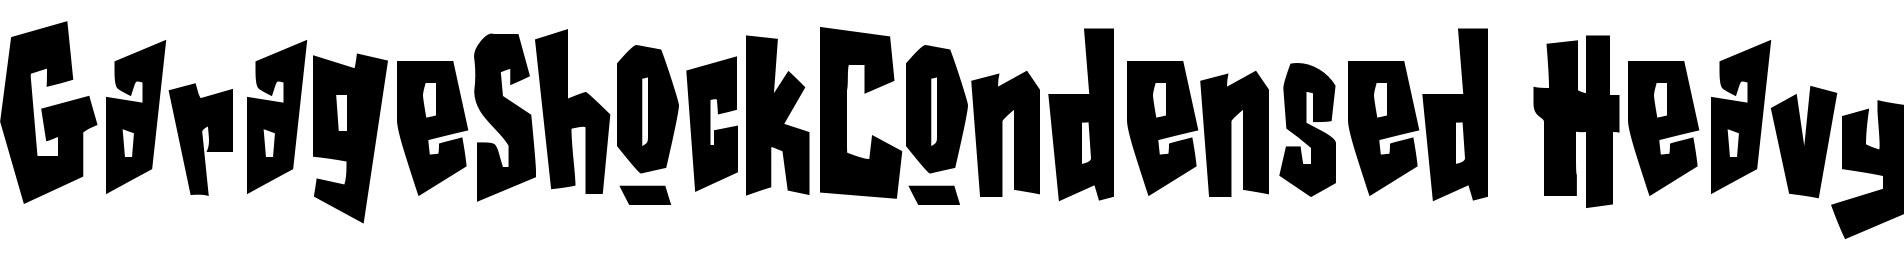 GarageShockCondensed Heavy